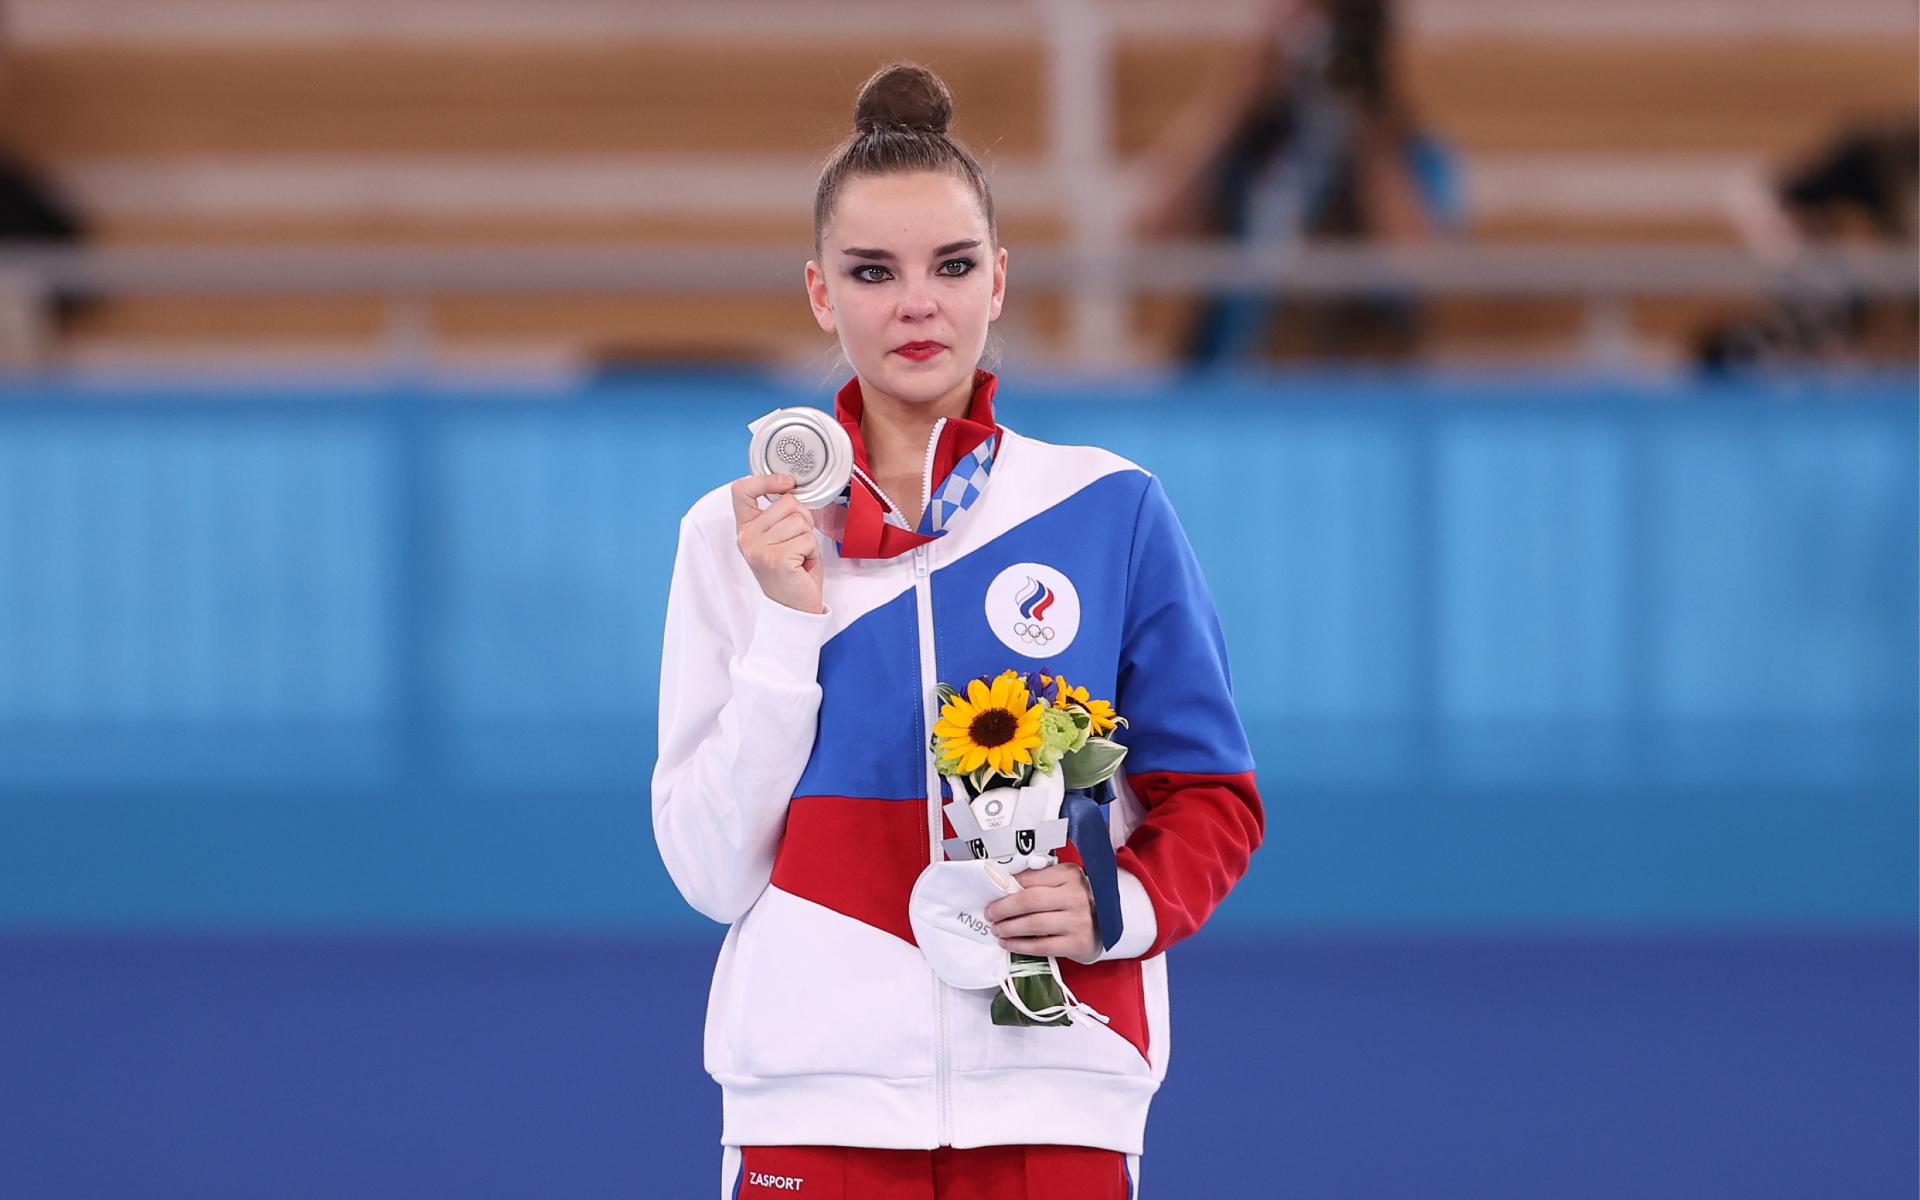 Фото: Дина Аверина с серебряной медалью (Getty Images)